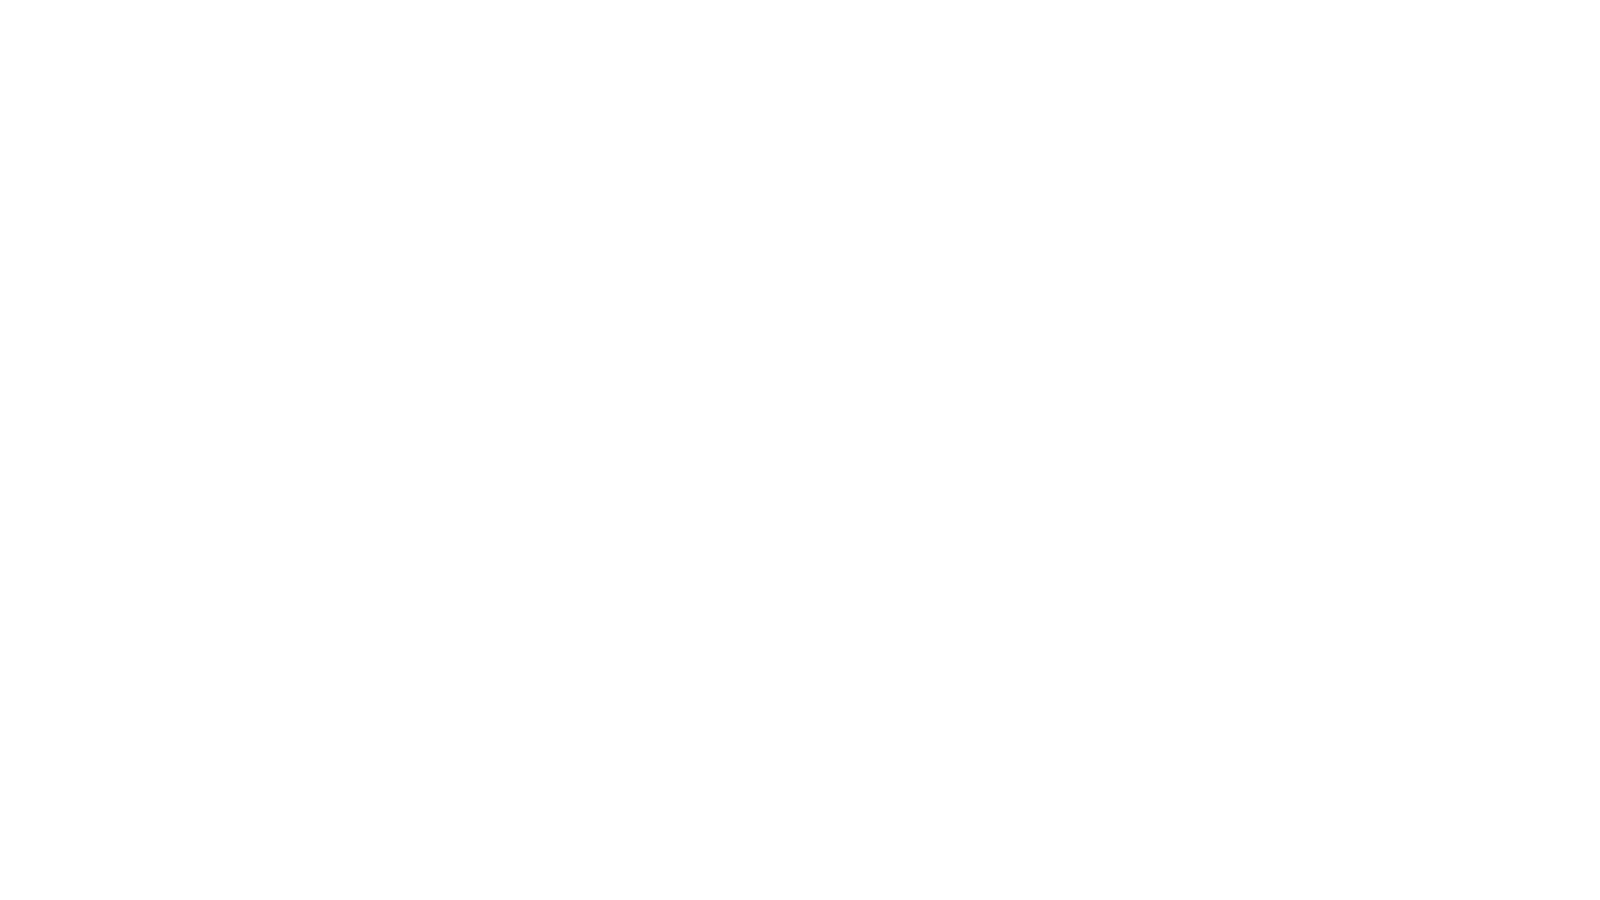 La Peña La Bulería tiene su origen en el barrio de San Miguel, en el año 77 del siglo pasado. Desde entonces lleva manteniendo el pulso de la ortodoxia jonda a través de sus socios y artistas. Sin duda, una de las grandes referencias del movimiento asociativo flamenco de Andalucía. Vuelve a pisar los Viernes Flamencos después de aquella primera vez en 2018, siendo la primera en repetir al haber tenido representación el resto de ellas.En esta ocasión cuentan con un cartel representativo de las familias flamencas del barrio de La Plazuela, con esa mirada al Campillo donde se encuentra la ermita de San Telmo del Cristo de la Expiración. Rubichi, Moneo, Parrilla, Carpio…Al cante: Manuel Moneo 'Barullo', Miguel Lavi y Eva de Rubichi Al baile: Carmen Herrera con José Mijita (Invitado) Al toque: Manuel Parrilla y Domingo Rubichi Palmas: José Rubichi y Manuel Cantarote Presenta: Juan Garrido